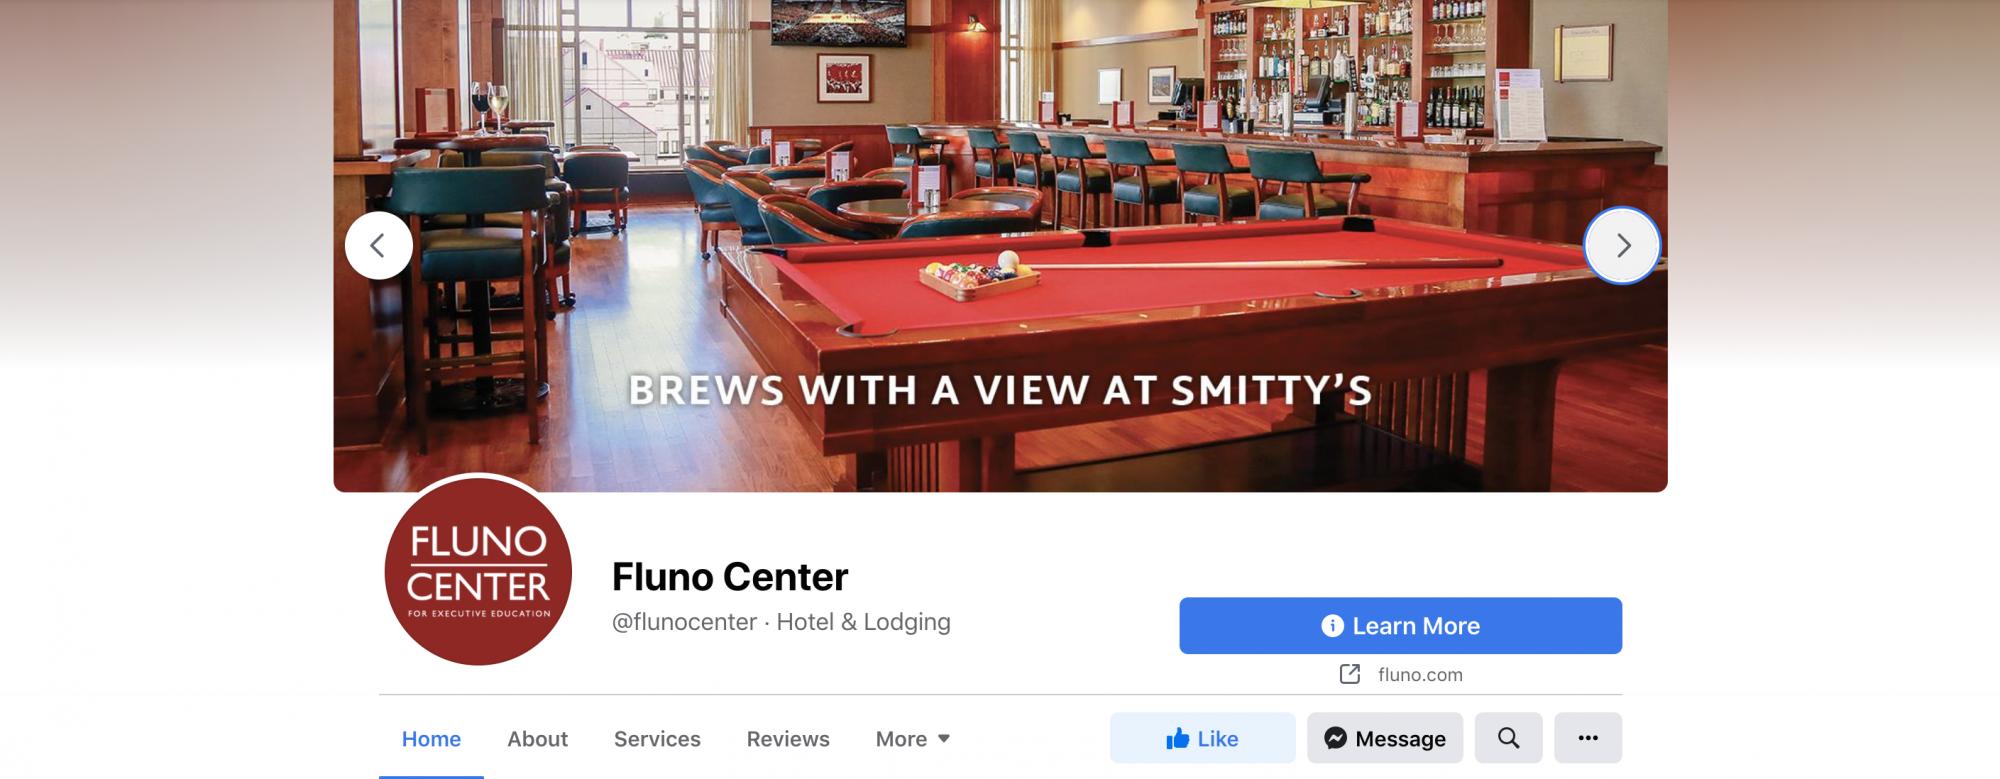 Fluno Center Facebook cover image 3